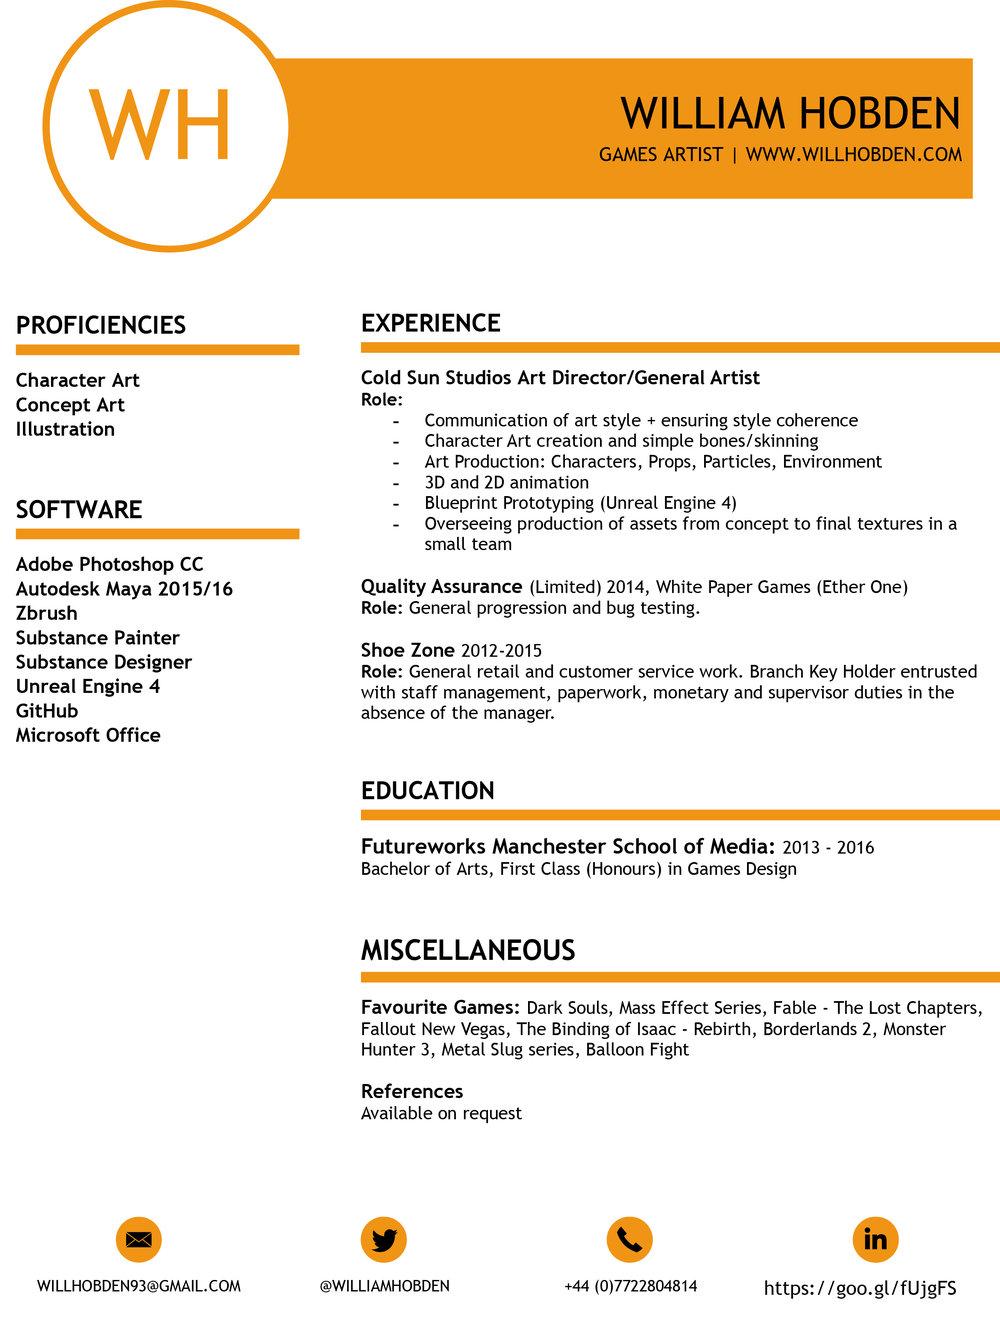 Resume — William Hobden